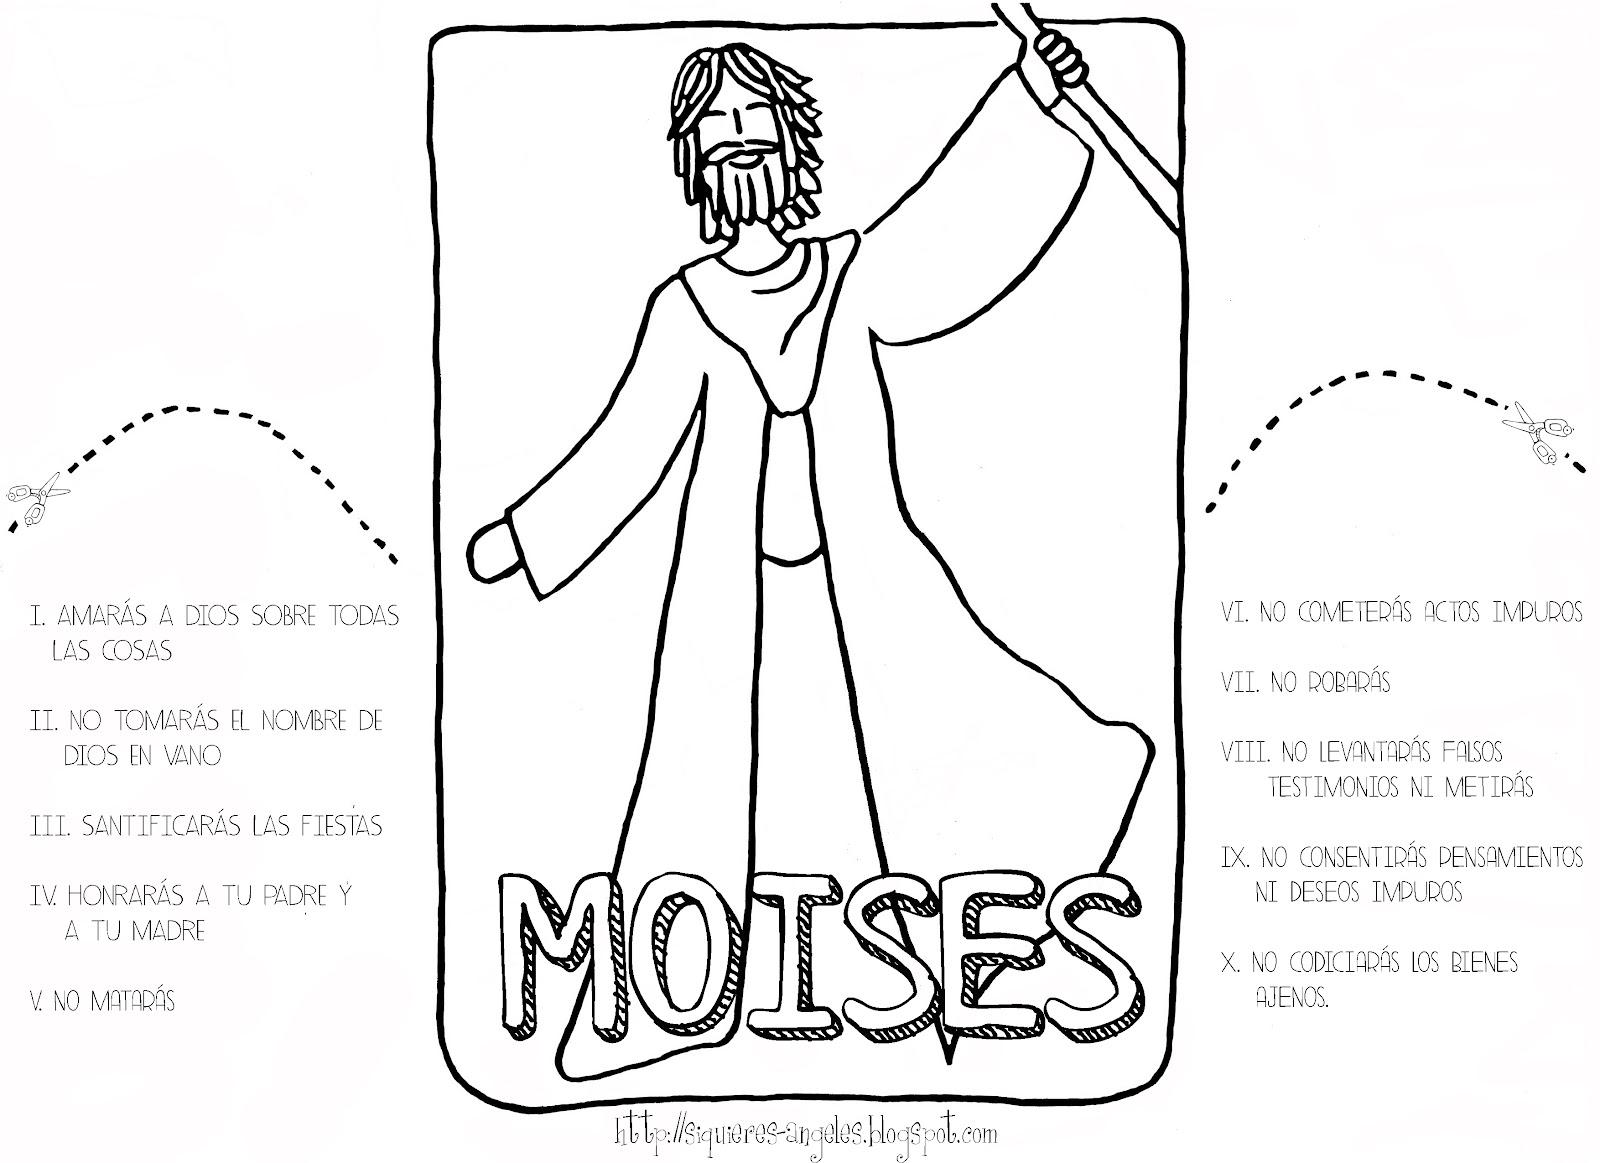 Si quieres aprender, ENSEÑA.: Moises 2